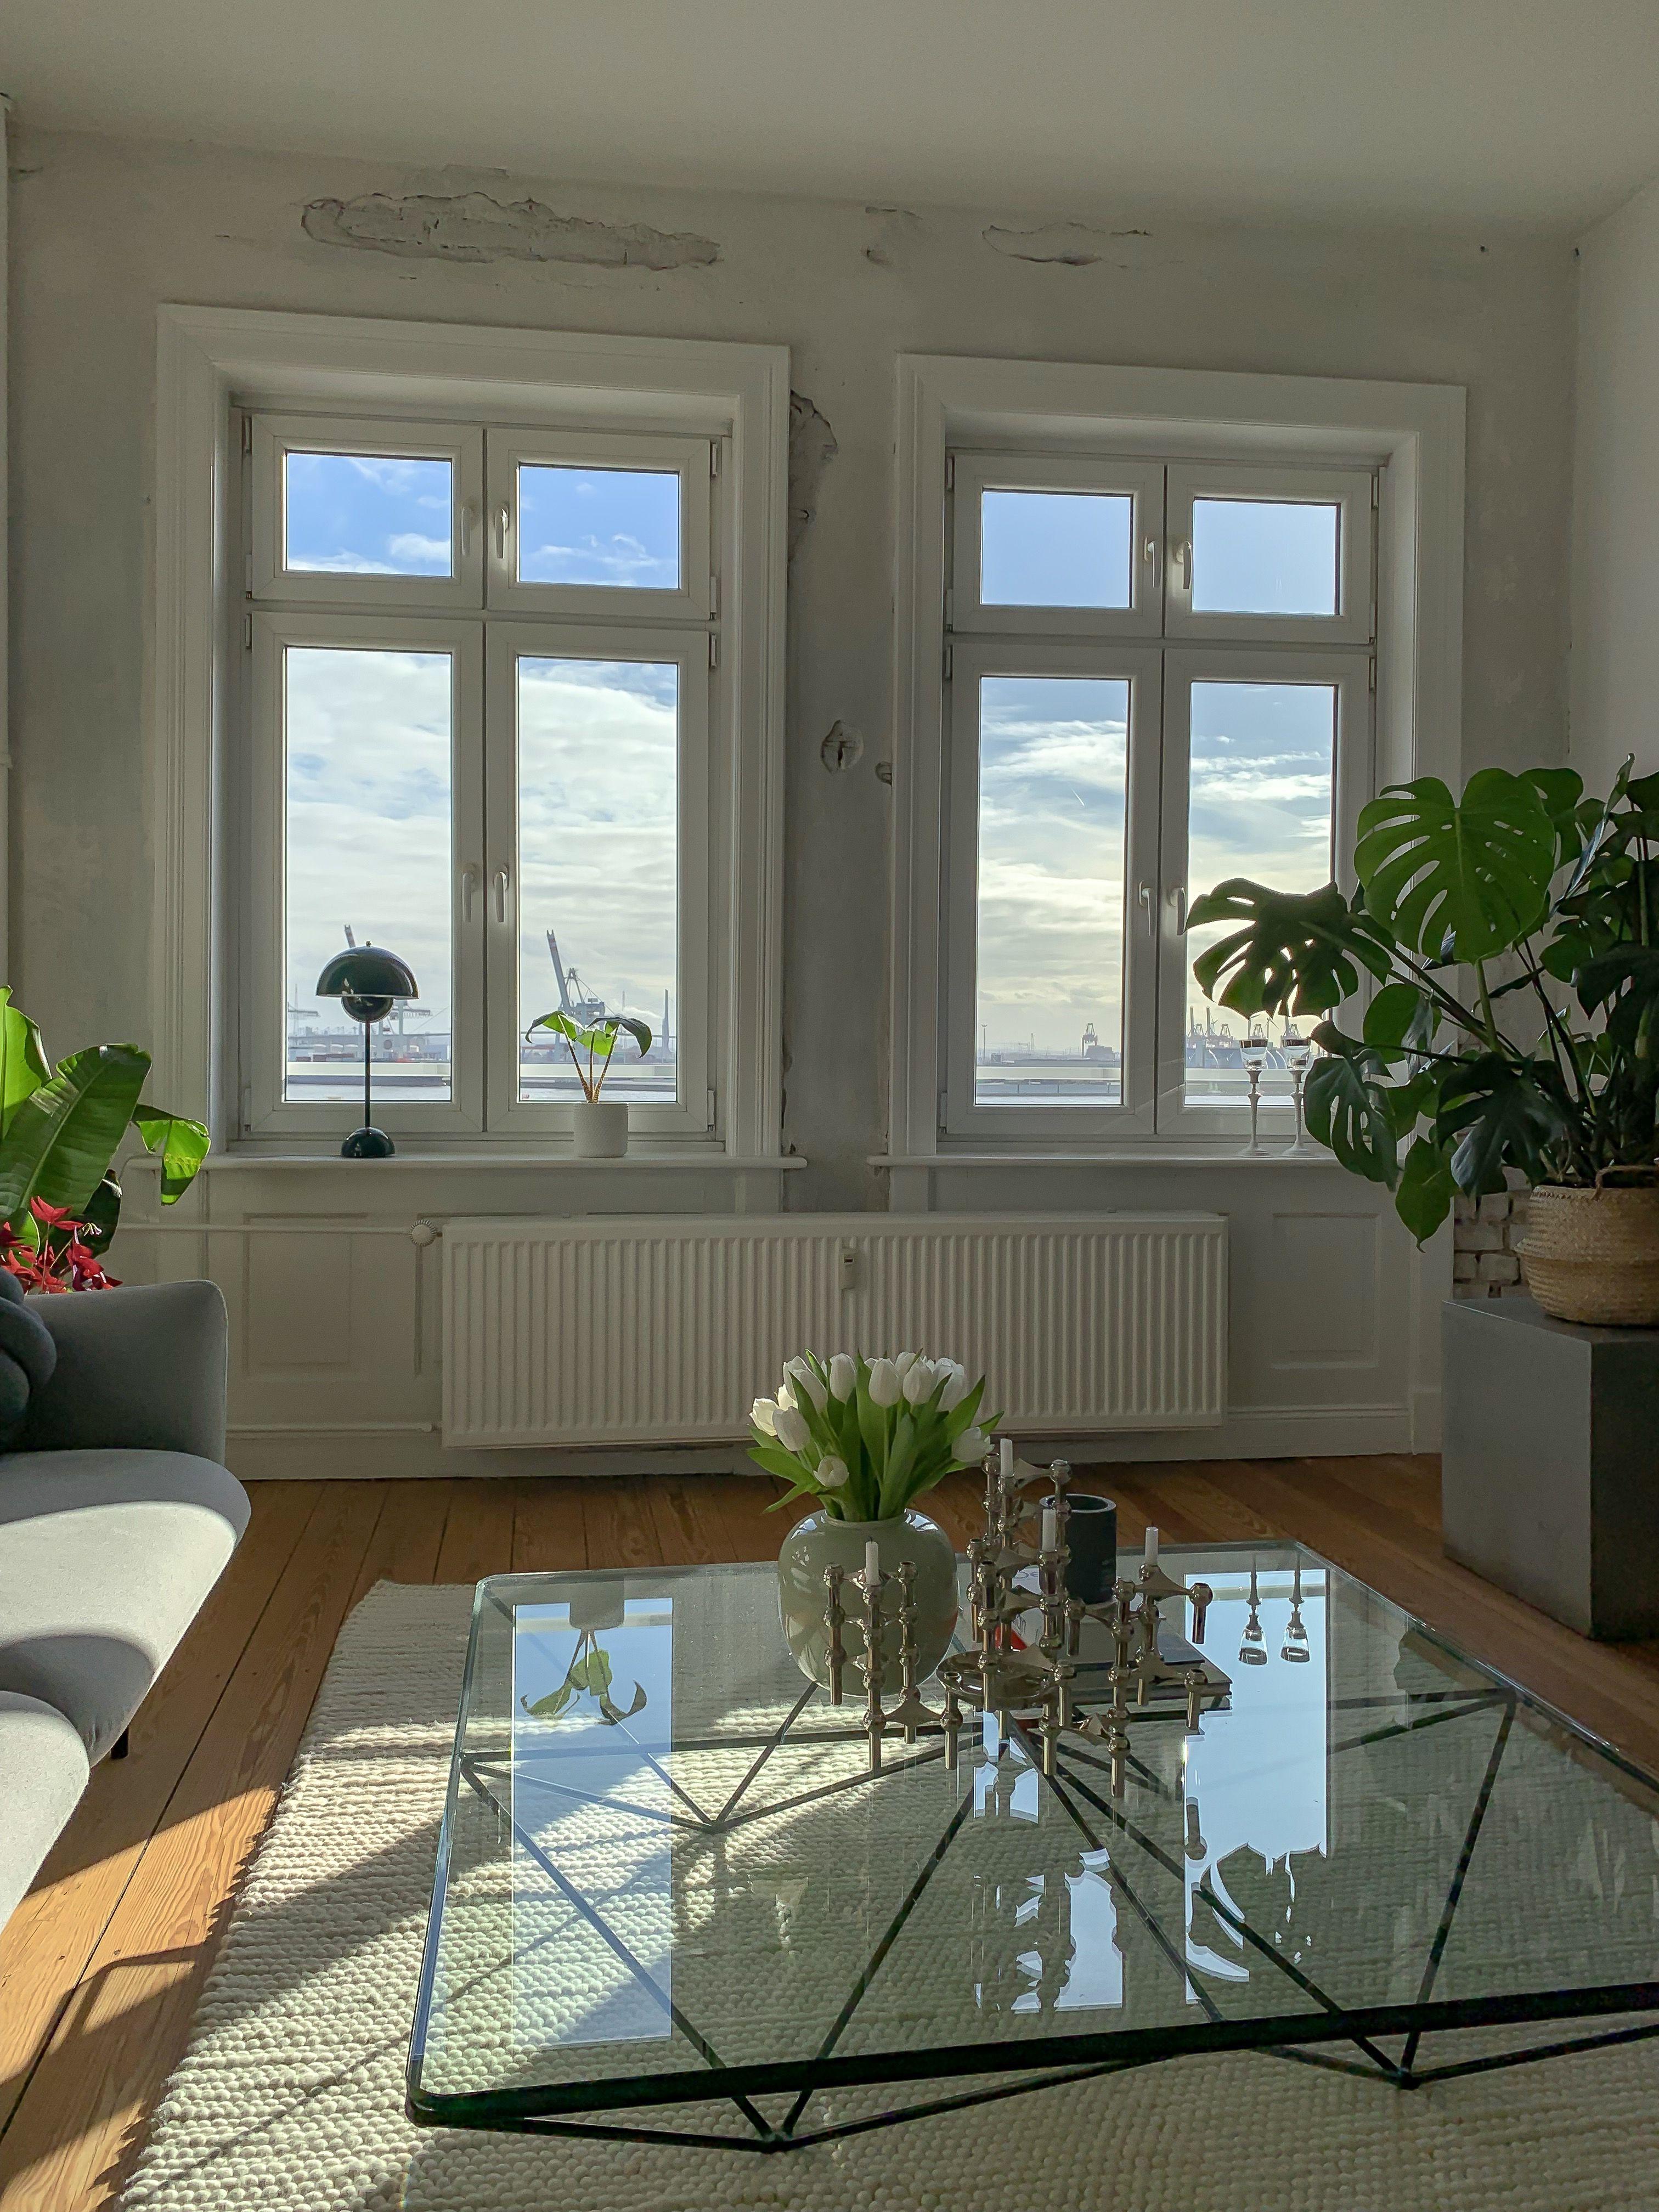 interieur #wohnzimmer #wohnideen #wohnung #wohnzimmertisch